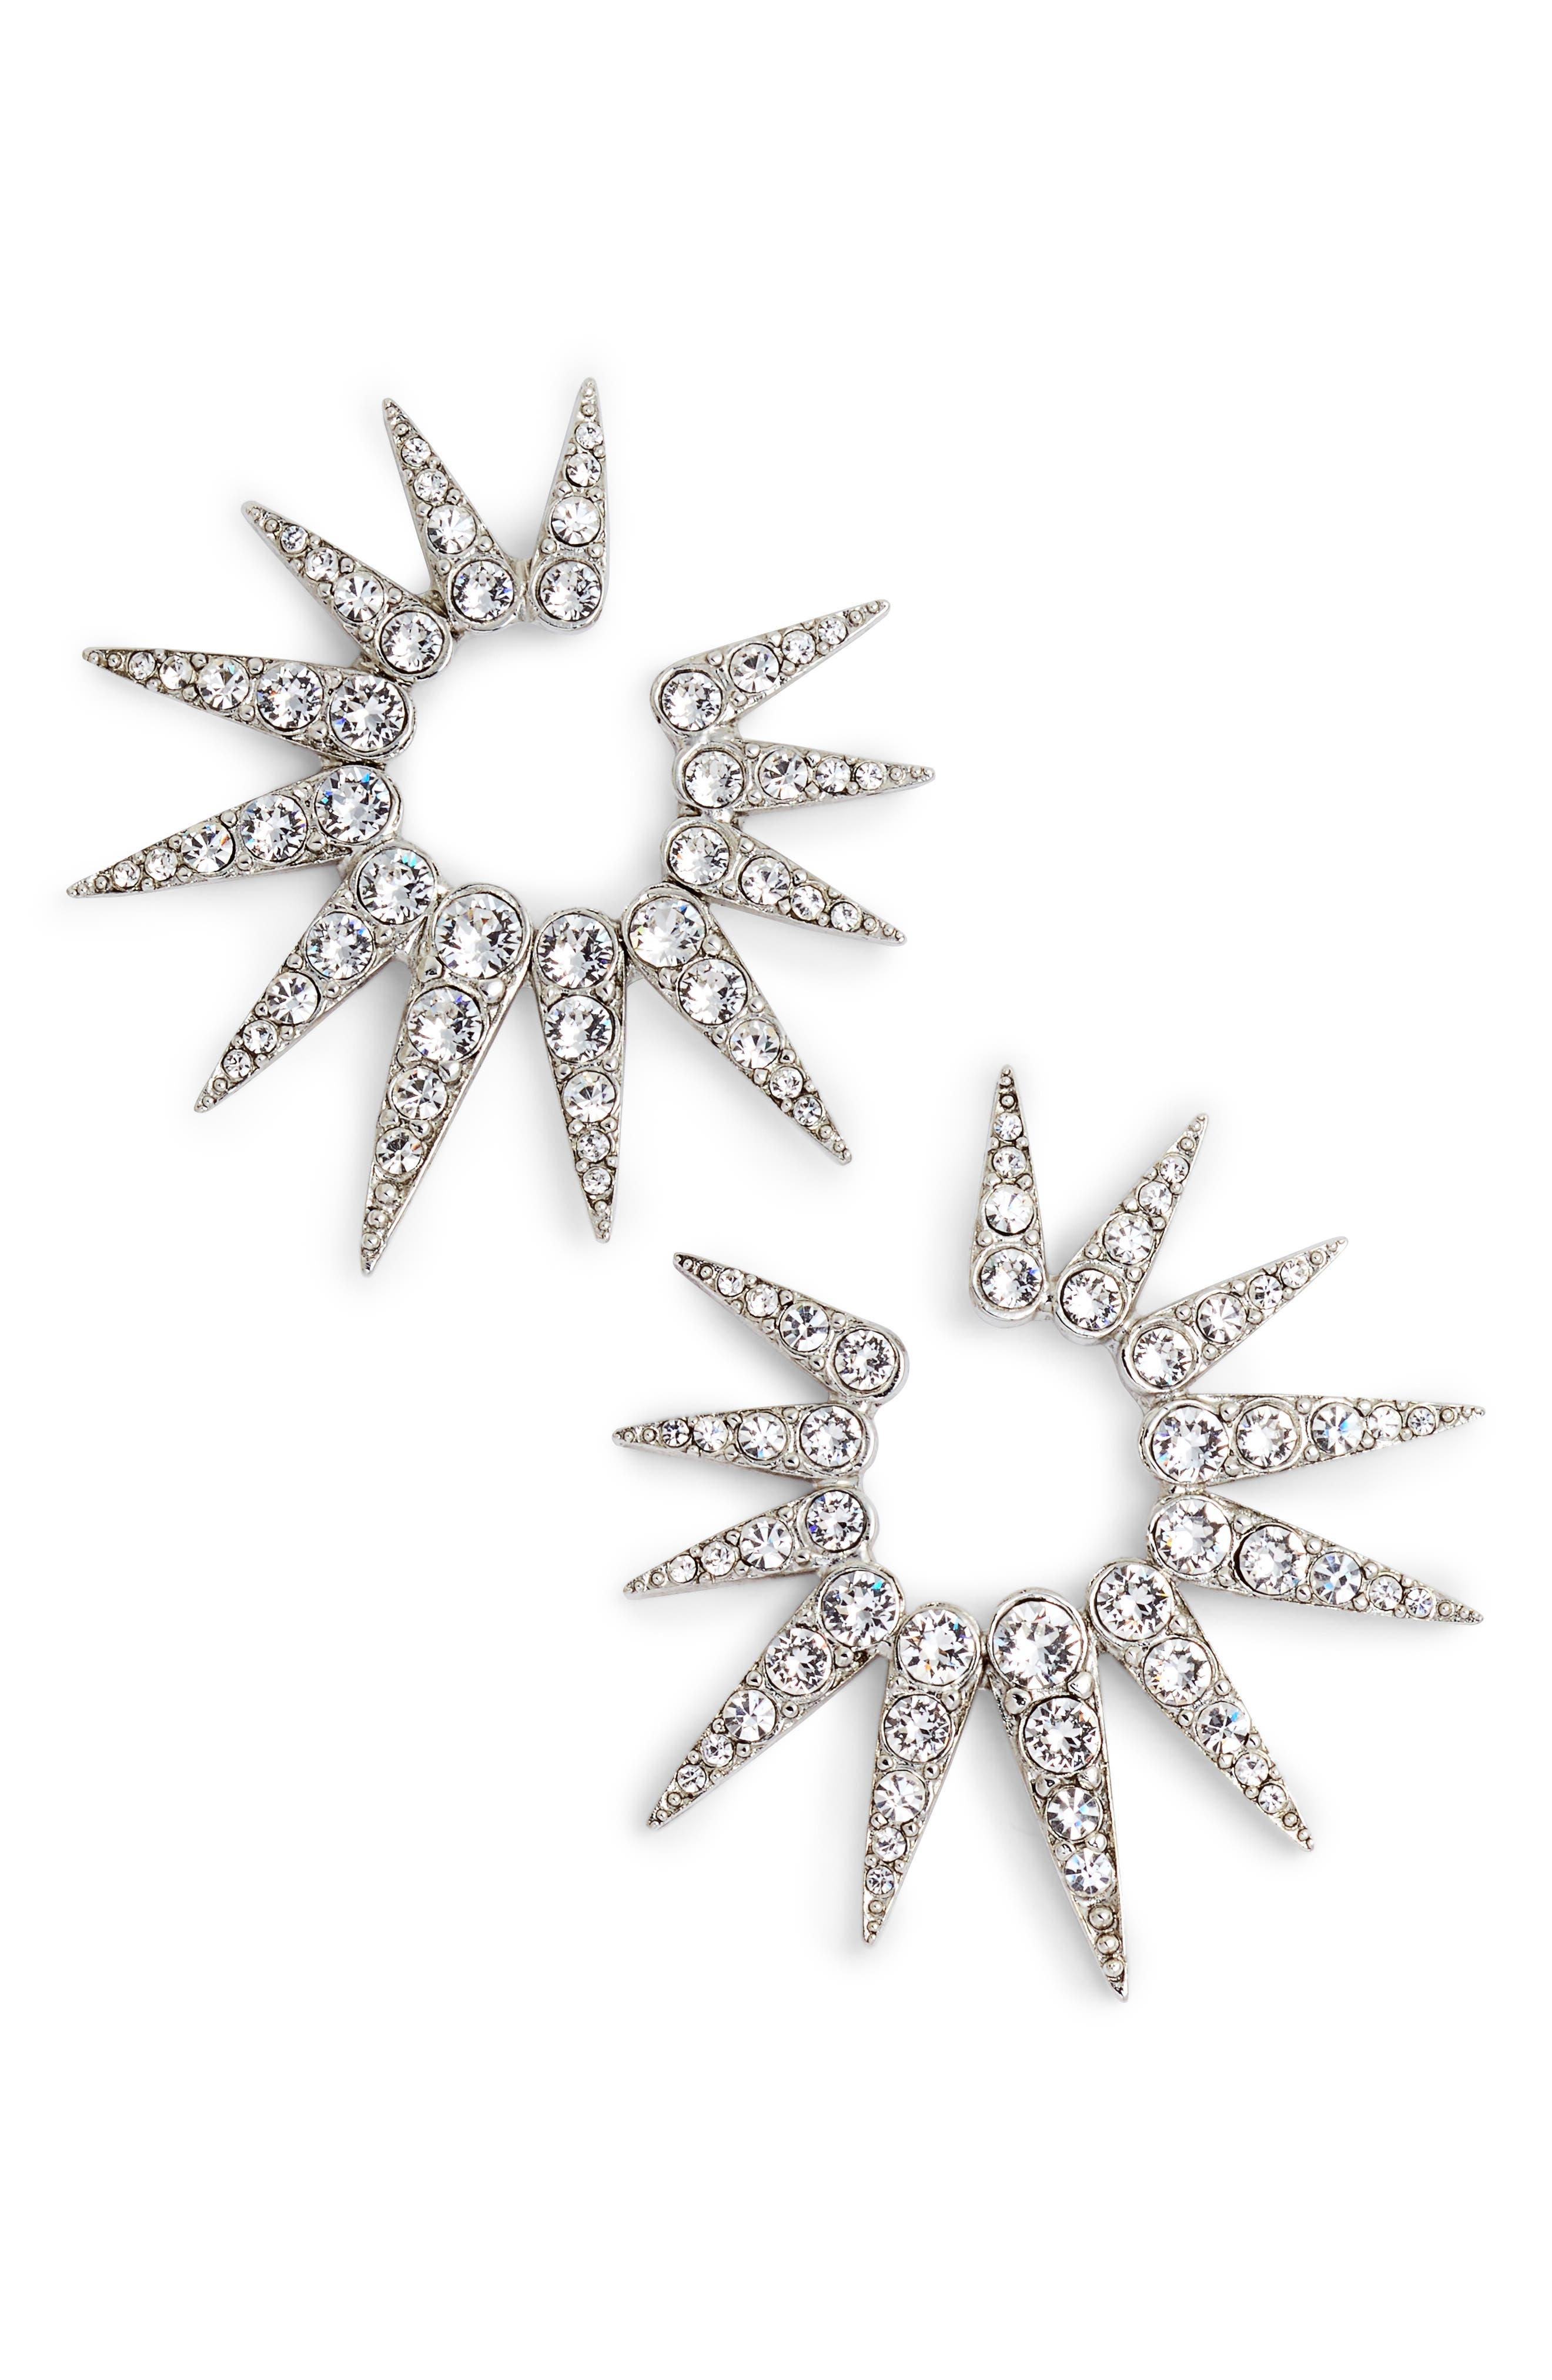 Oscar de la Renta Small Crystal Sea Urchin Earrings